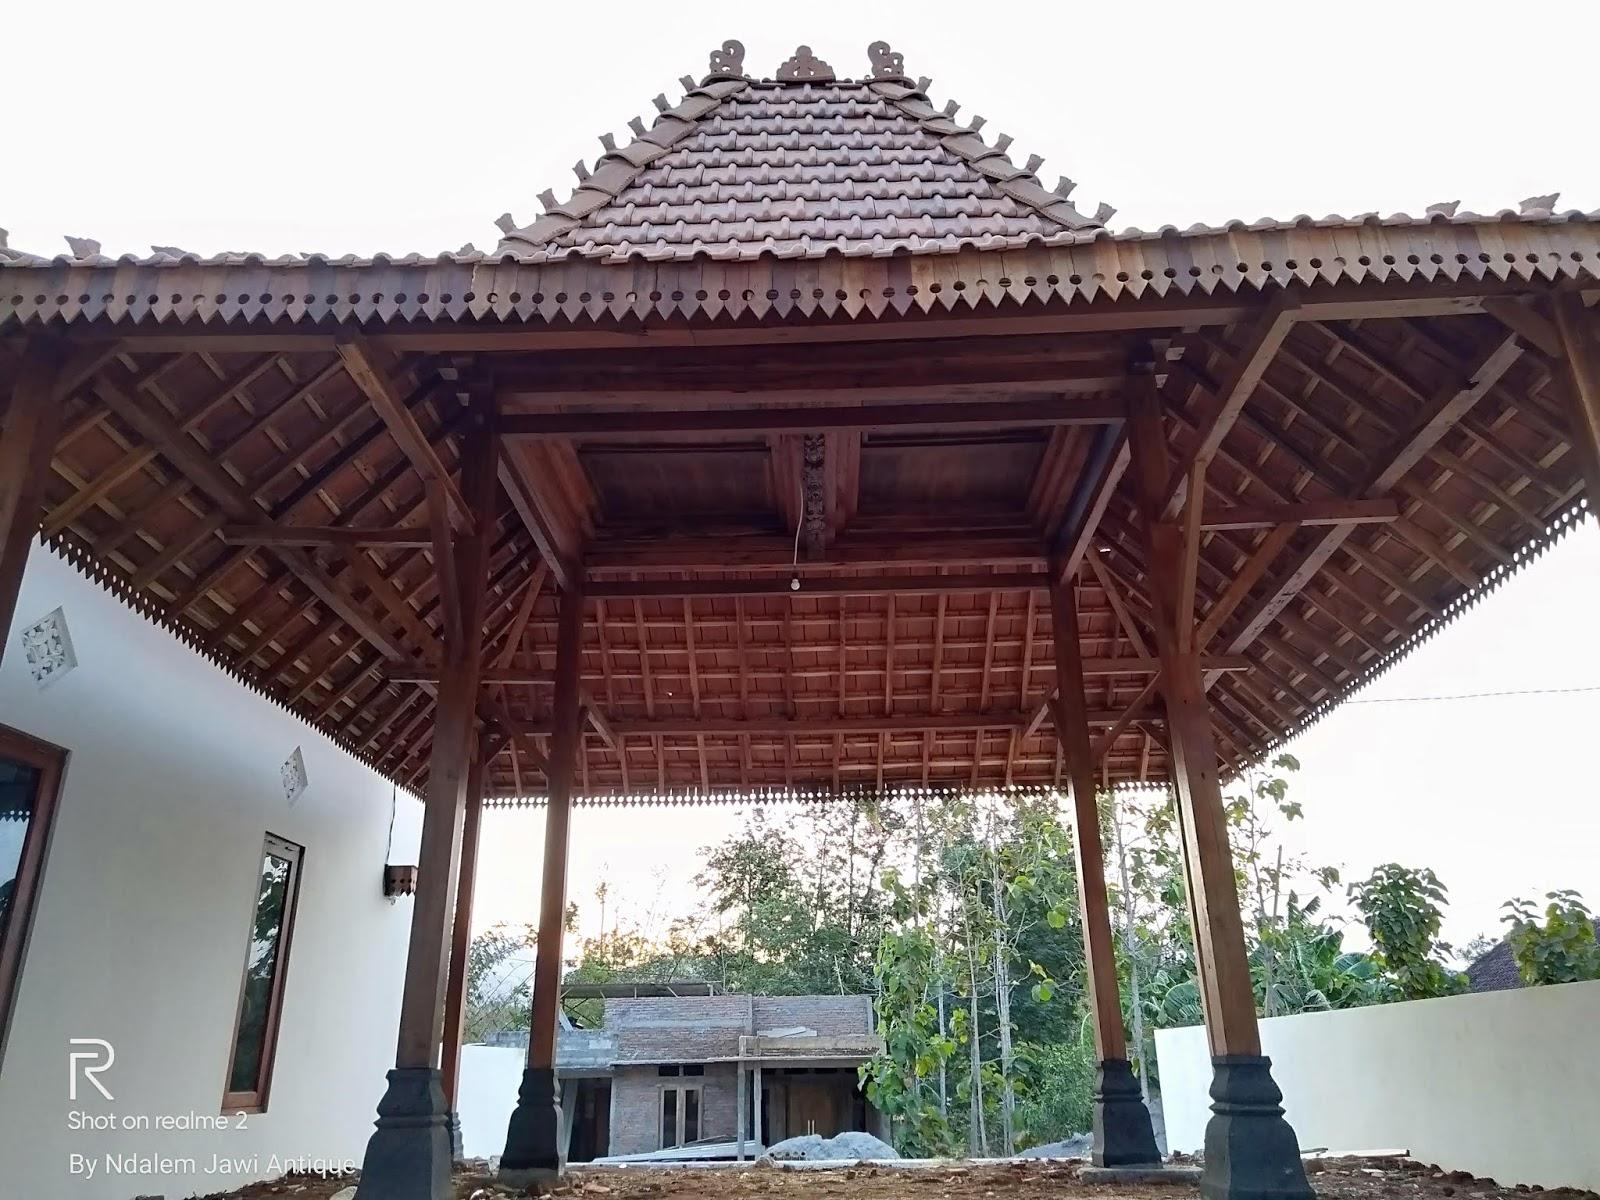 Ndalem Jawi Antique Kumpulan 4 Model Rumah Terbaru Dan Terlaris